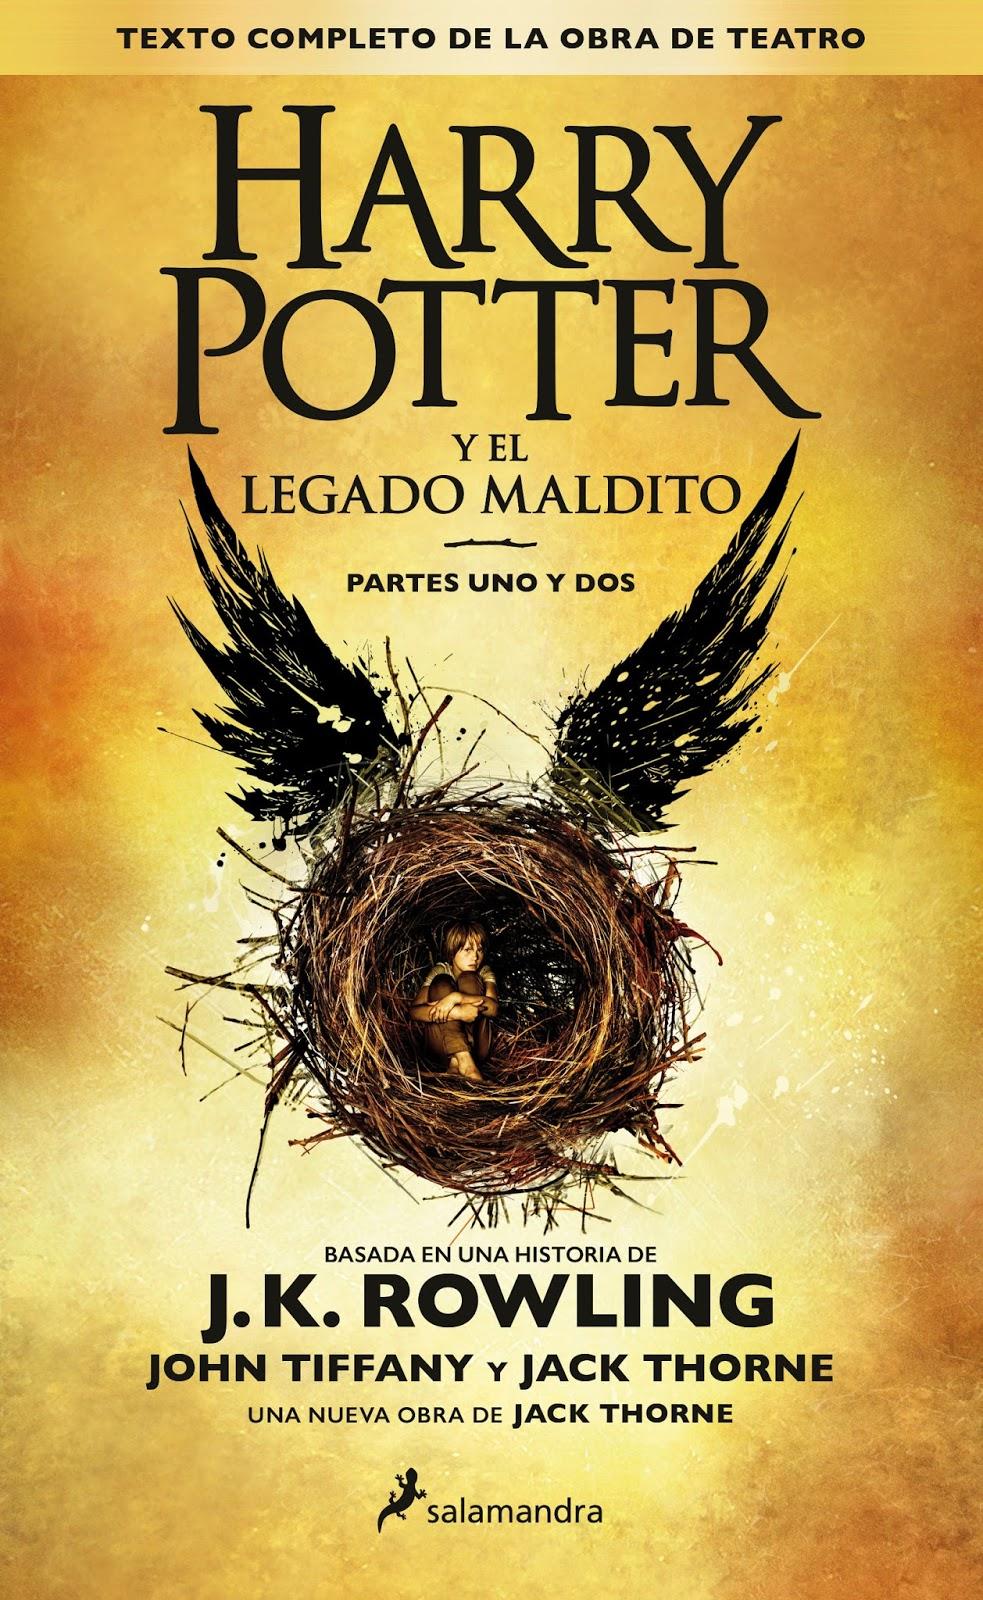 http://labibliotecadebella.blogspot.com.es/2017/01/harry-potter-y-el-legado-maldito-jack.html